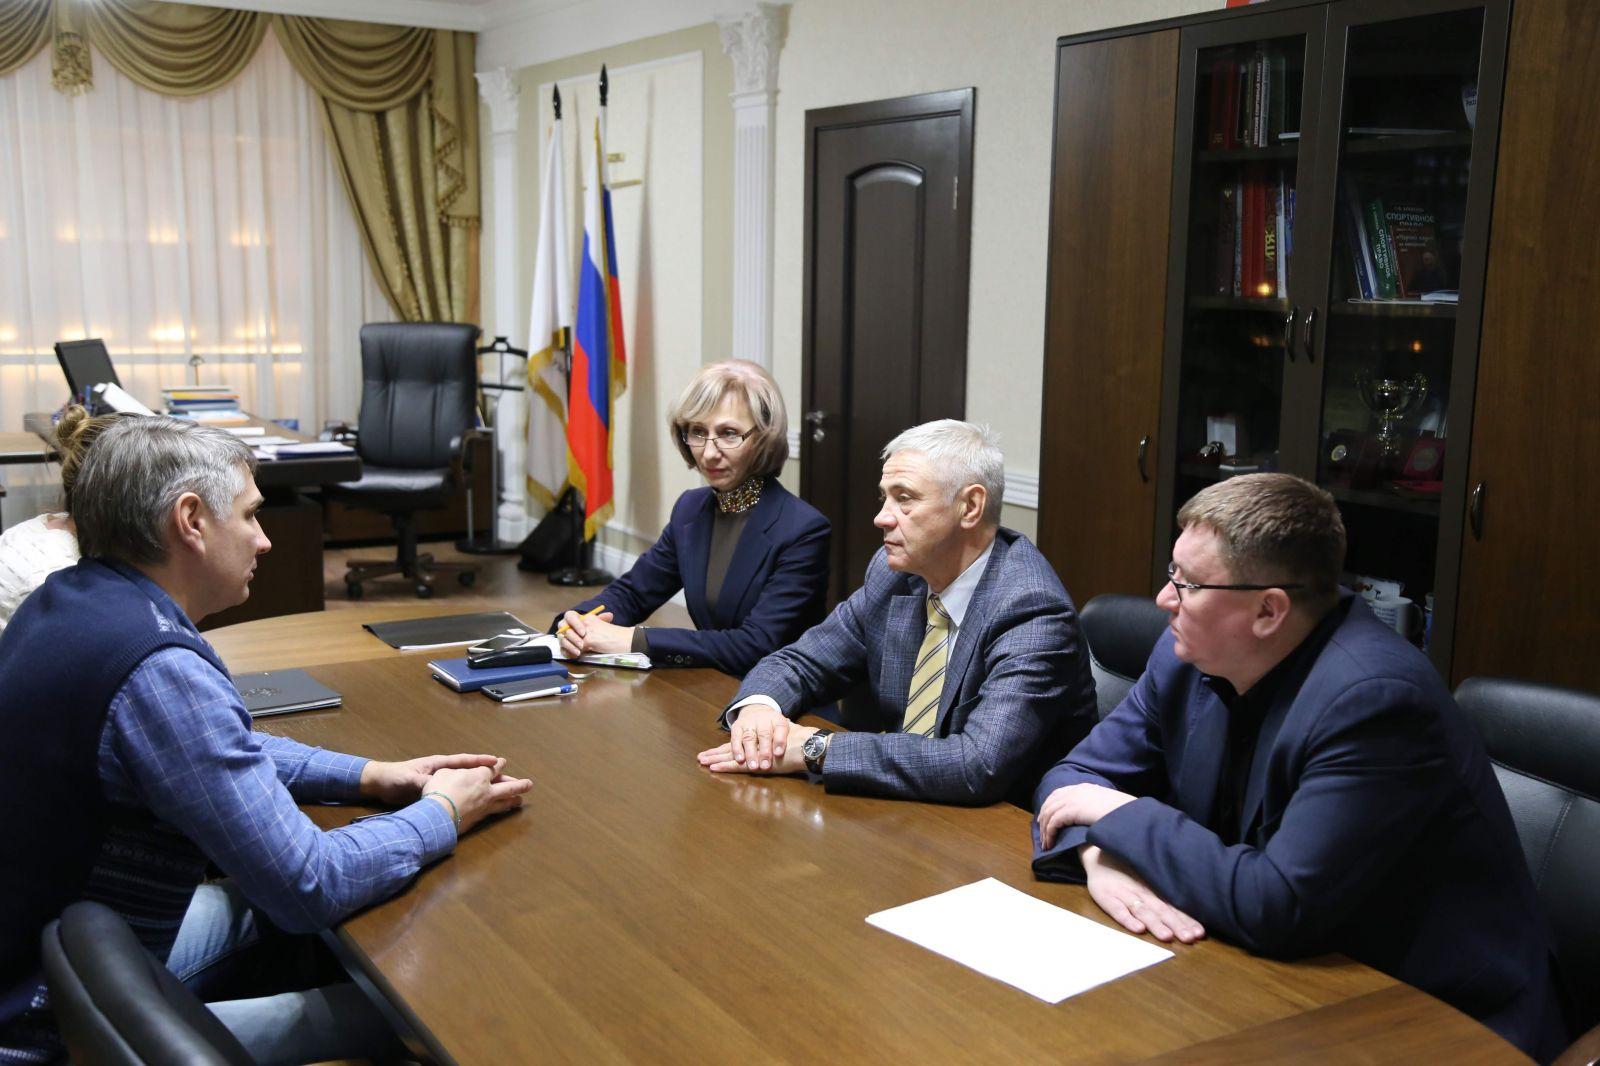 П.А. Рожков в офисе ПКР провел встречу с президентом следж-хоккейного клуба «Удмуртия» П.Ю. Вечтомовым